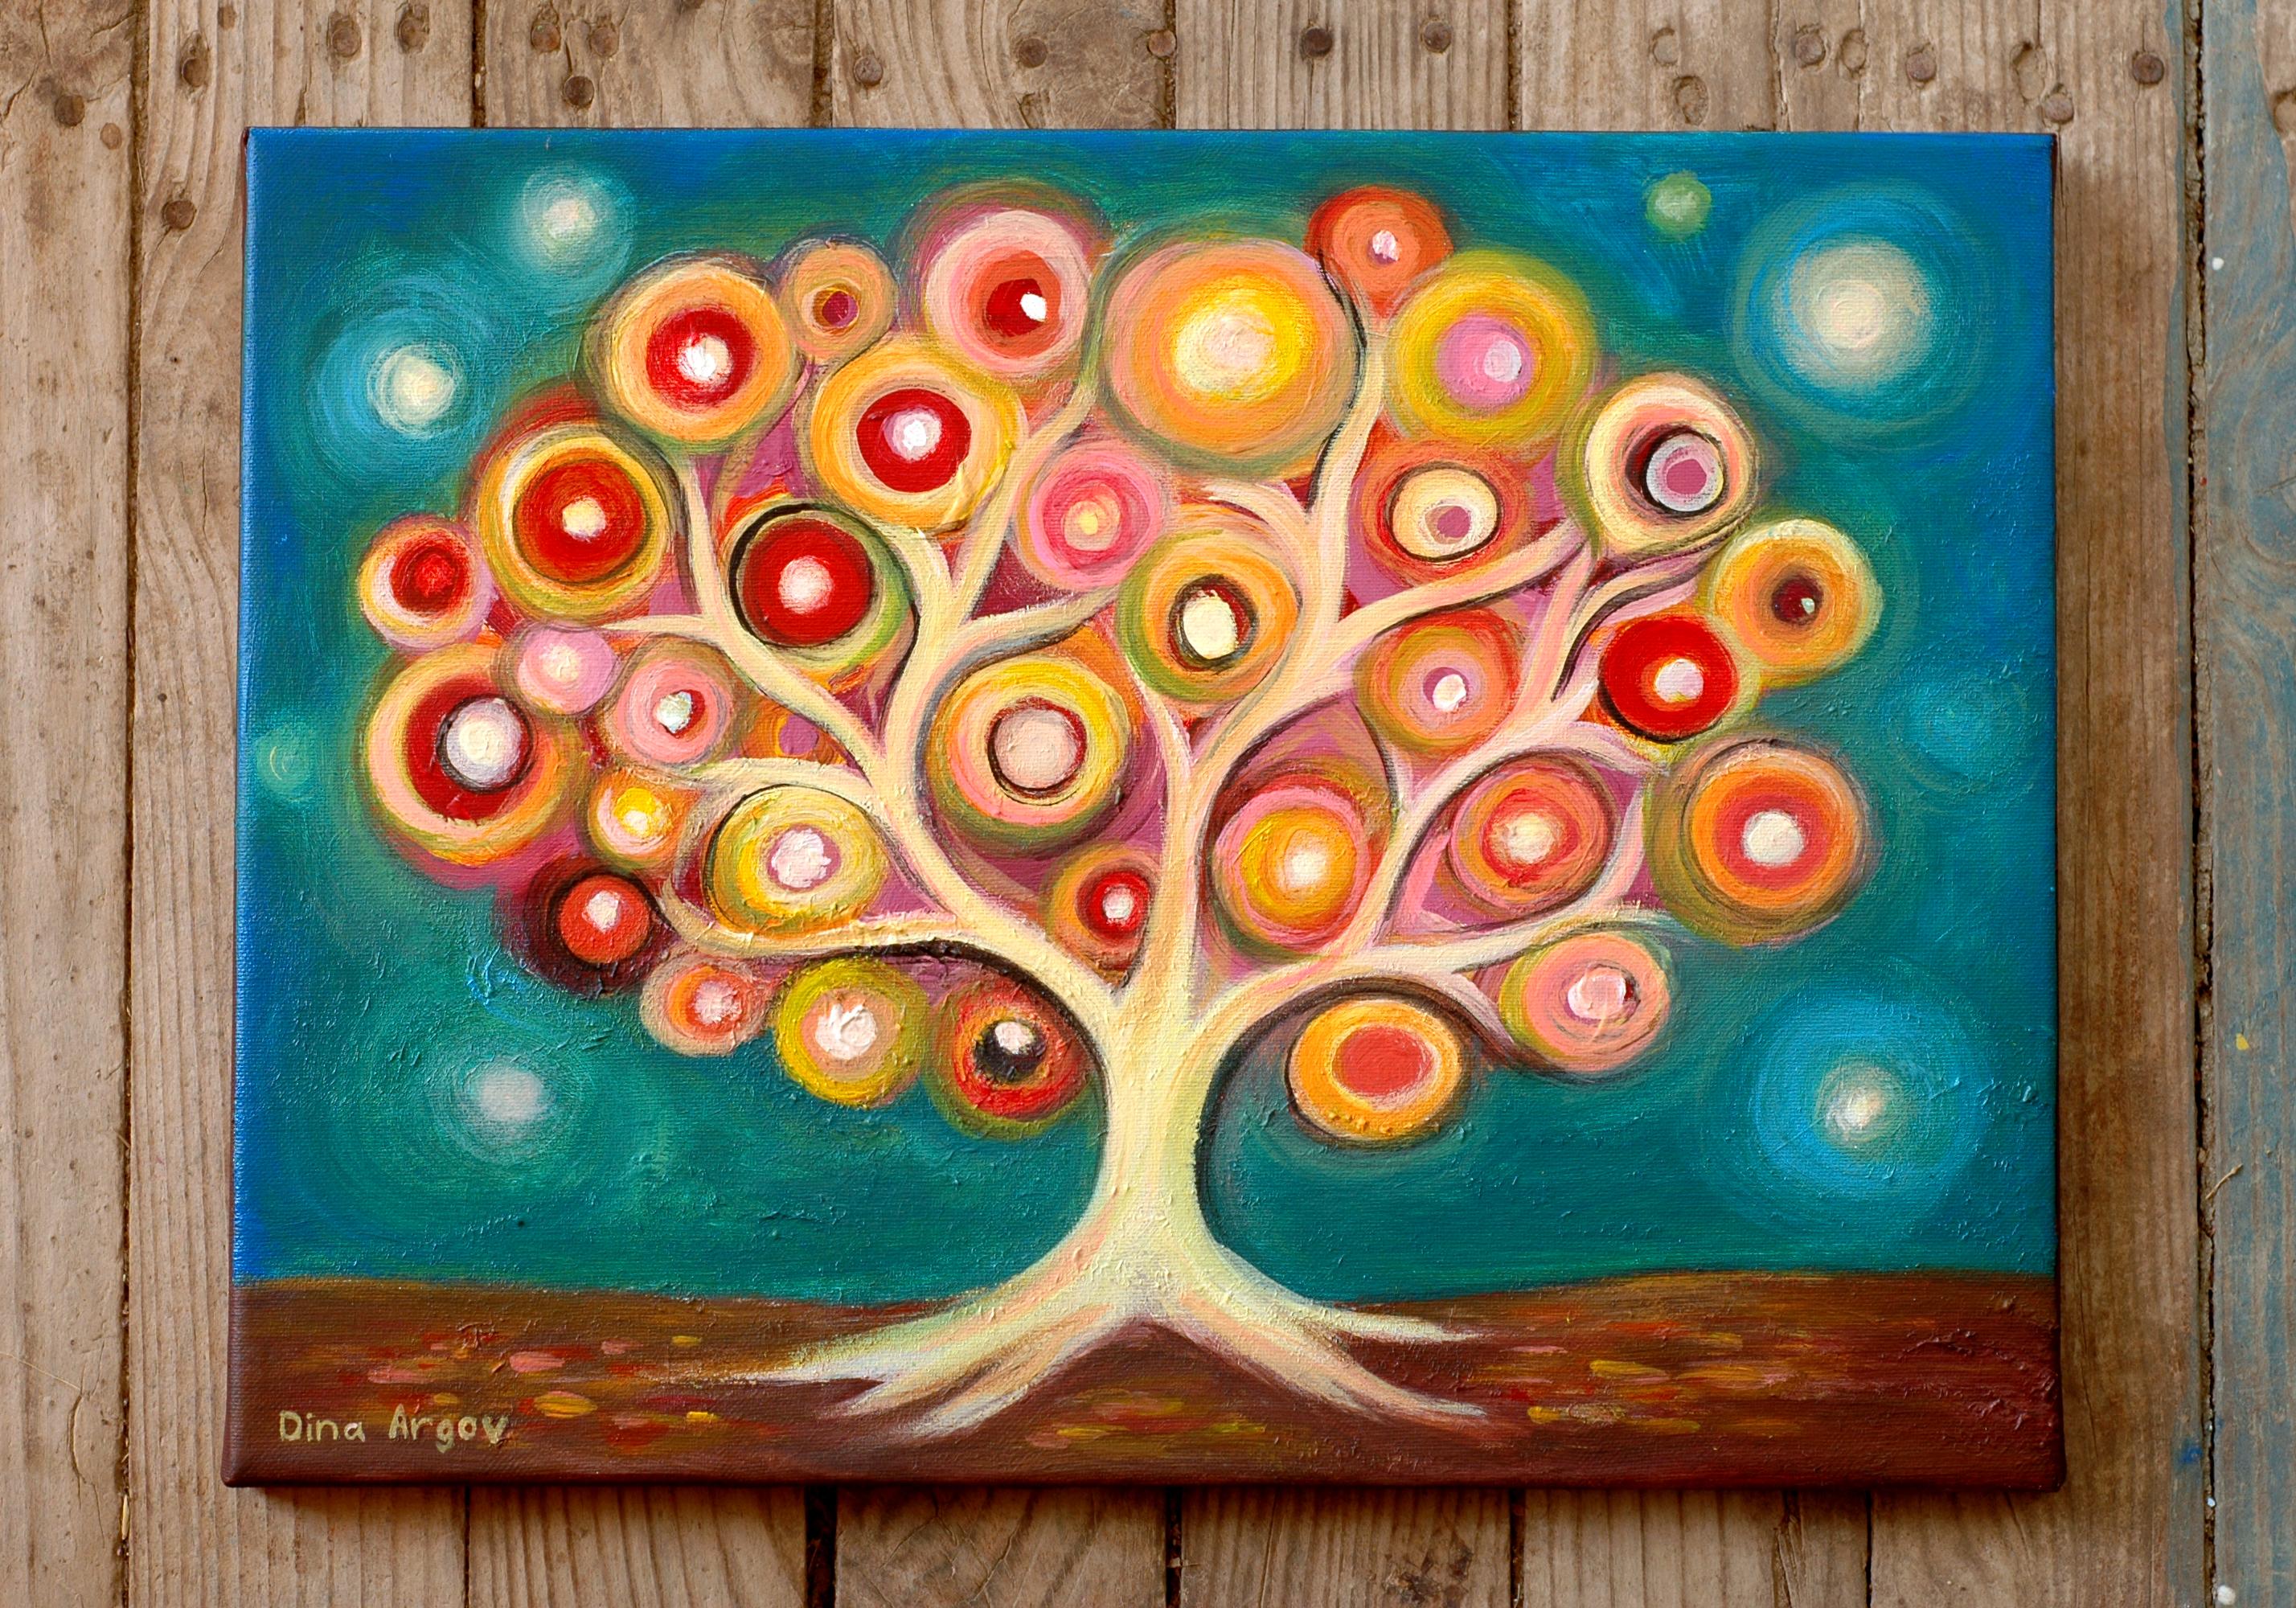 עץ עיגולי אור דינה ארגוב